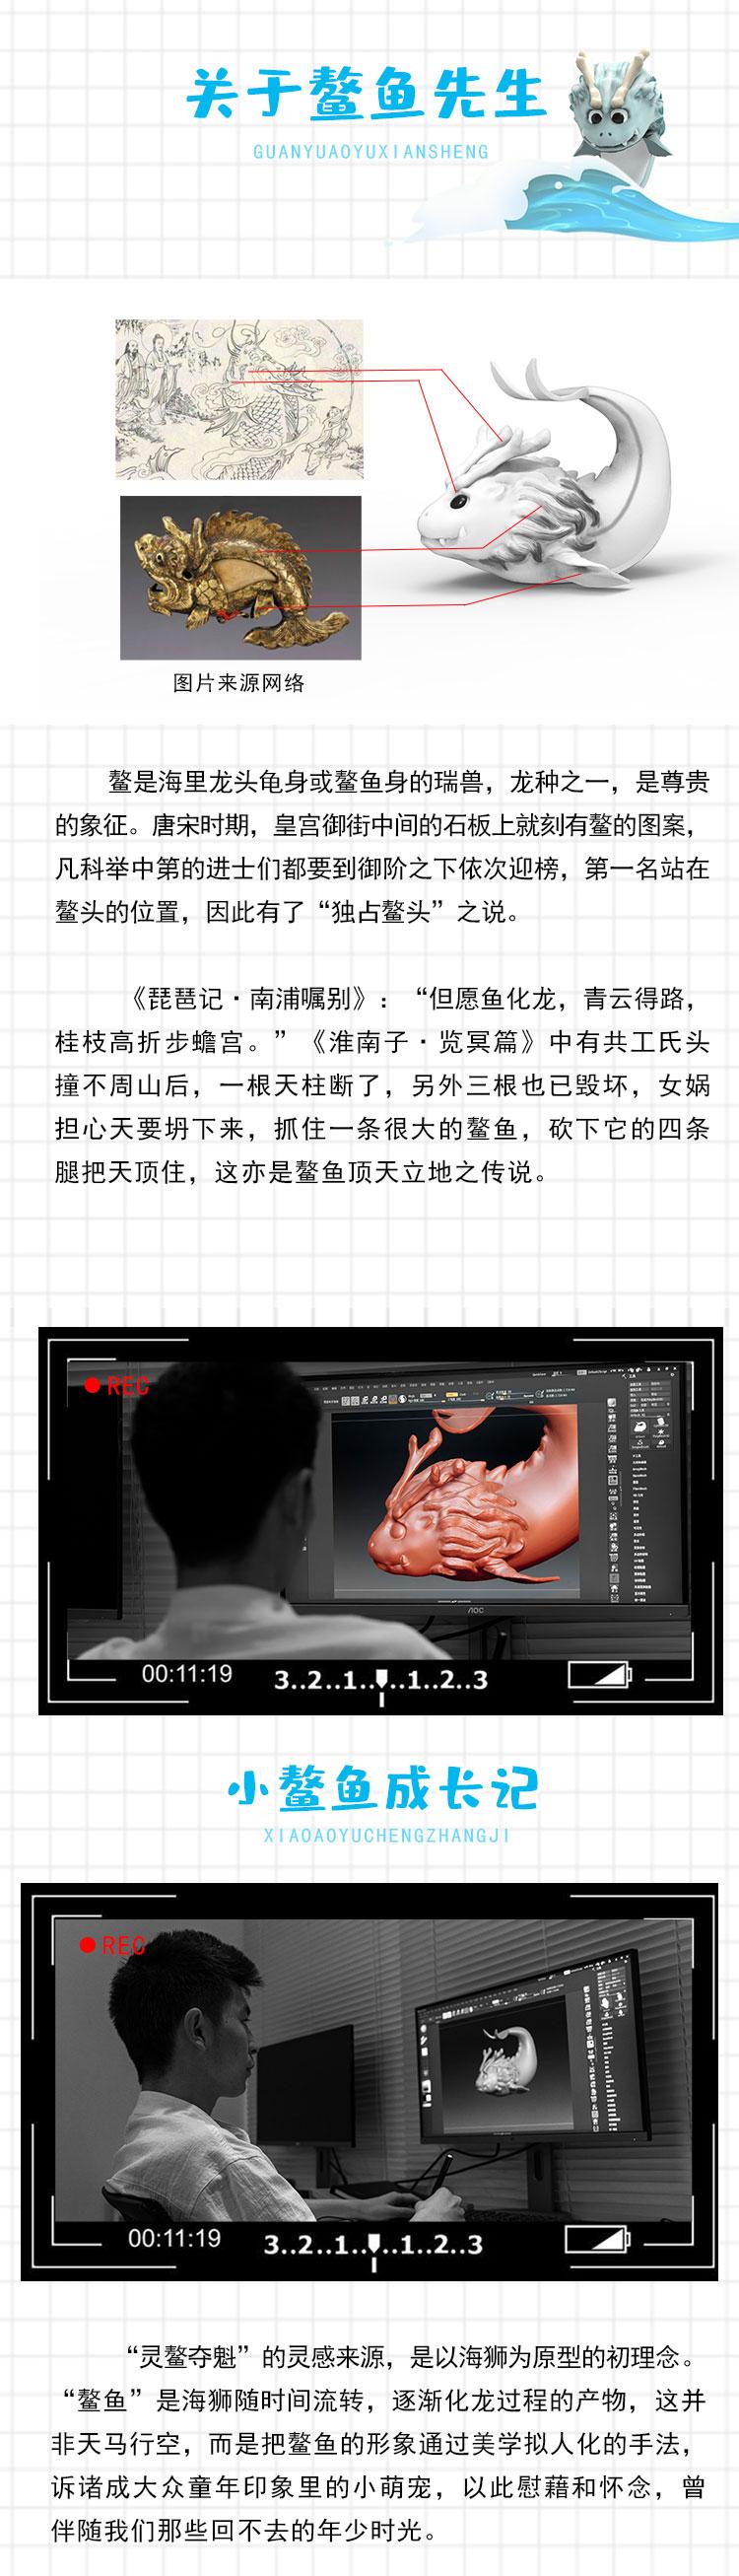 文档-2_02.jpg